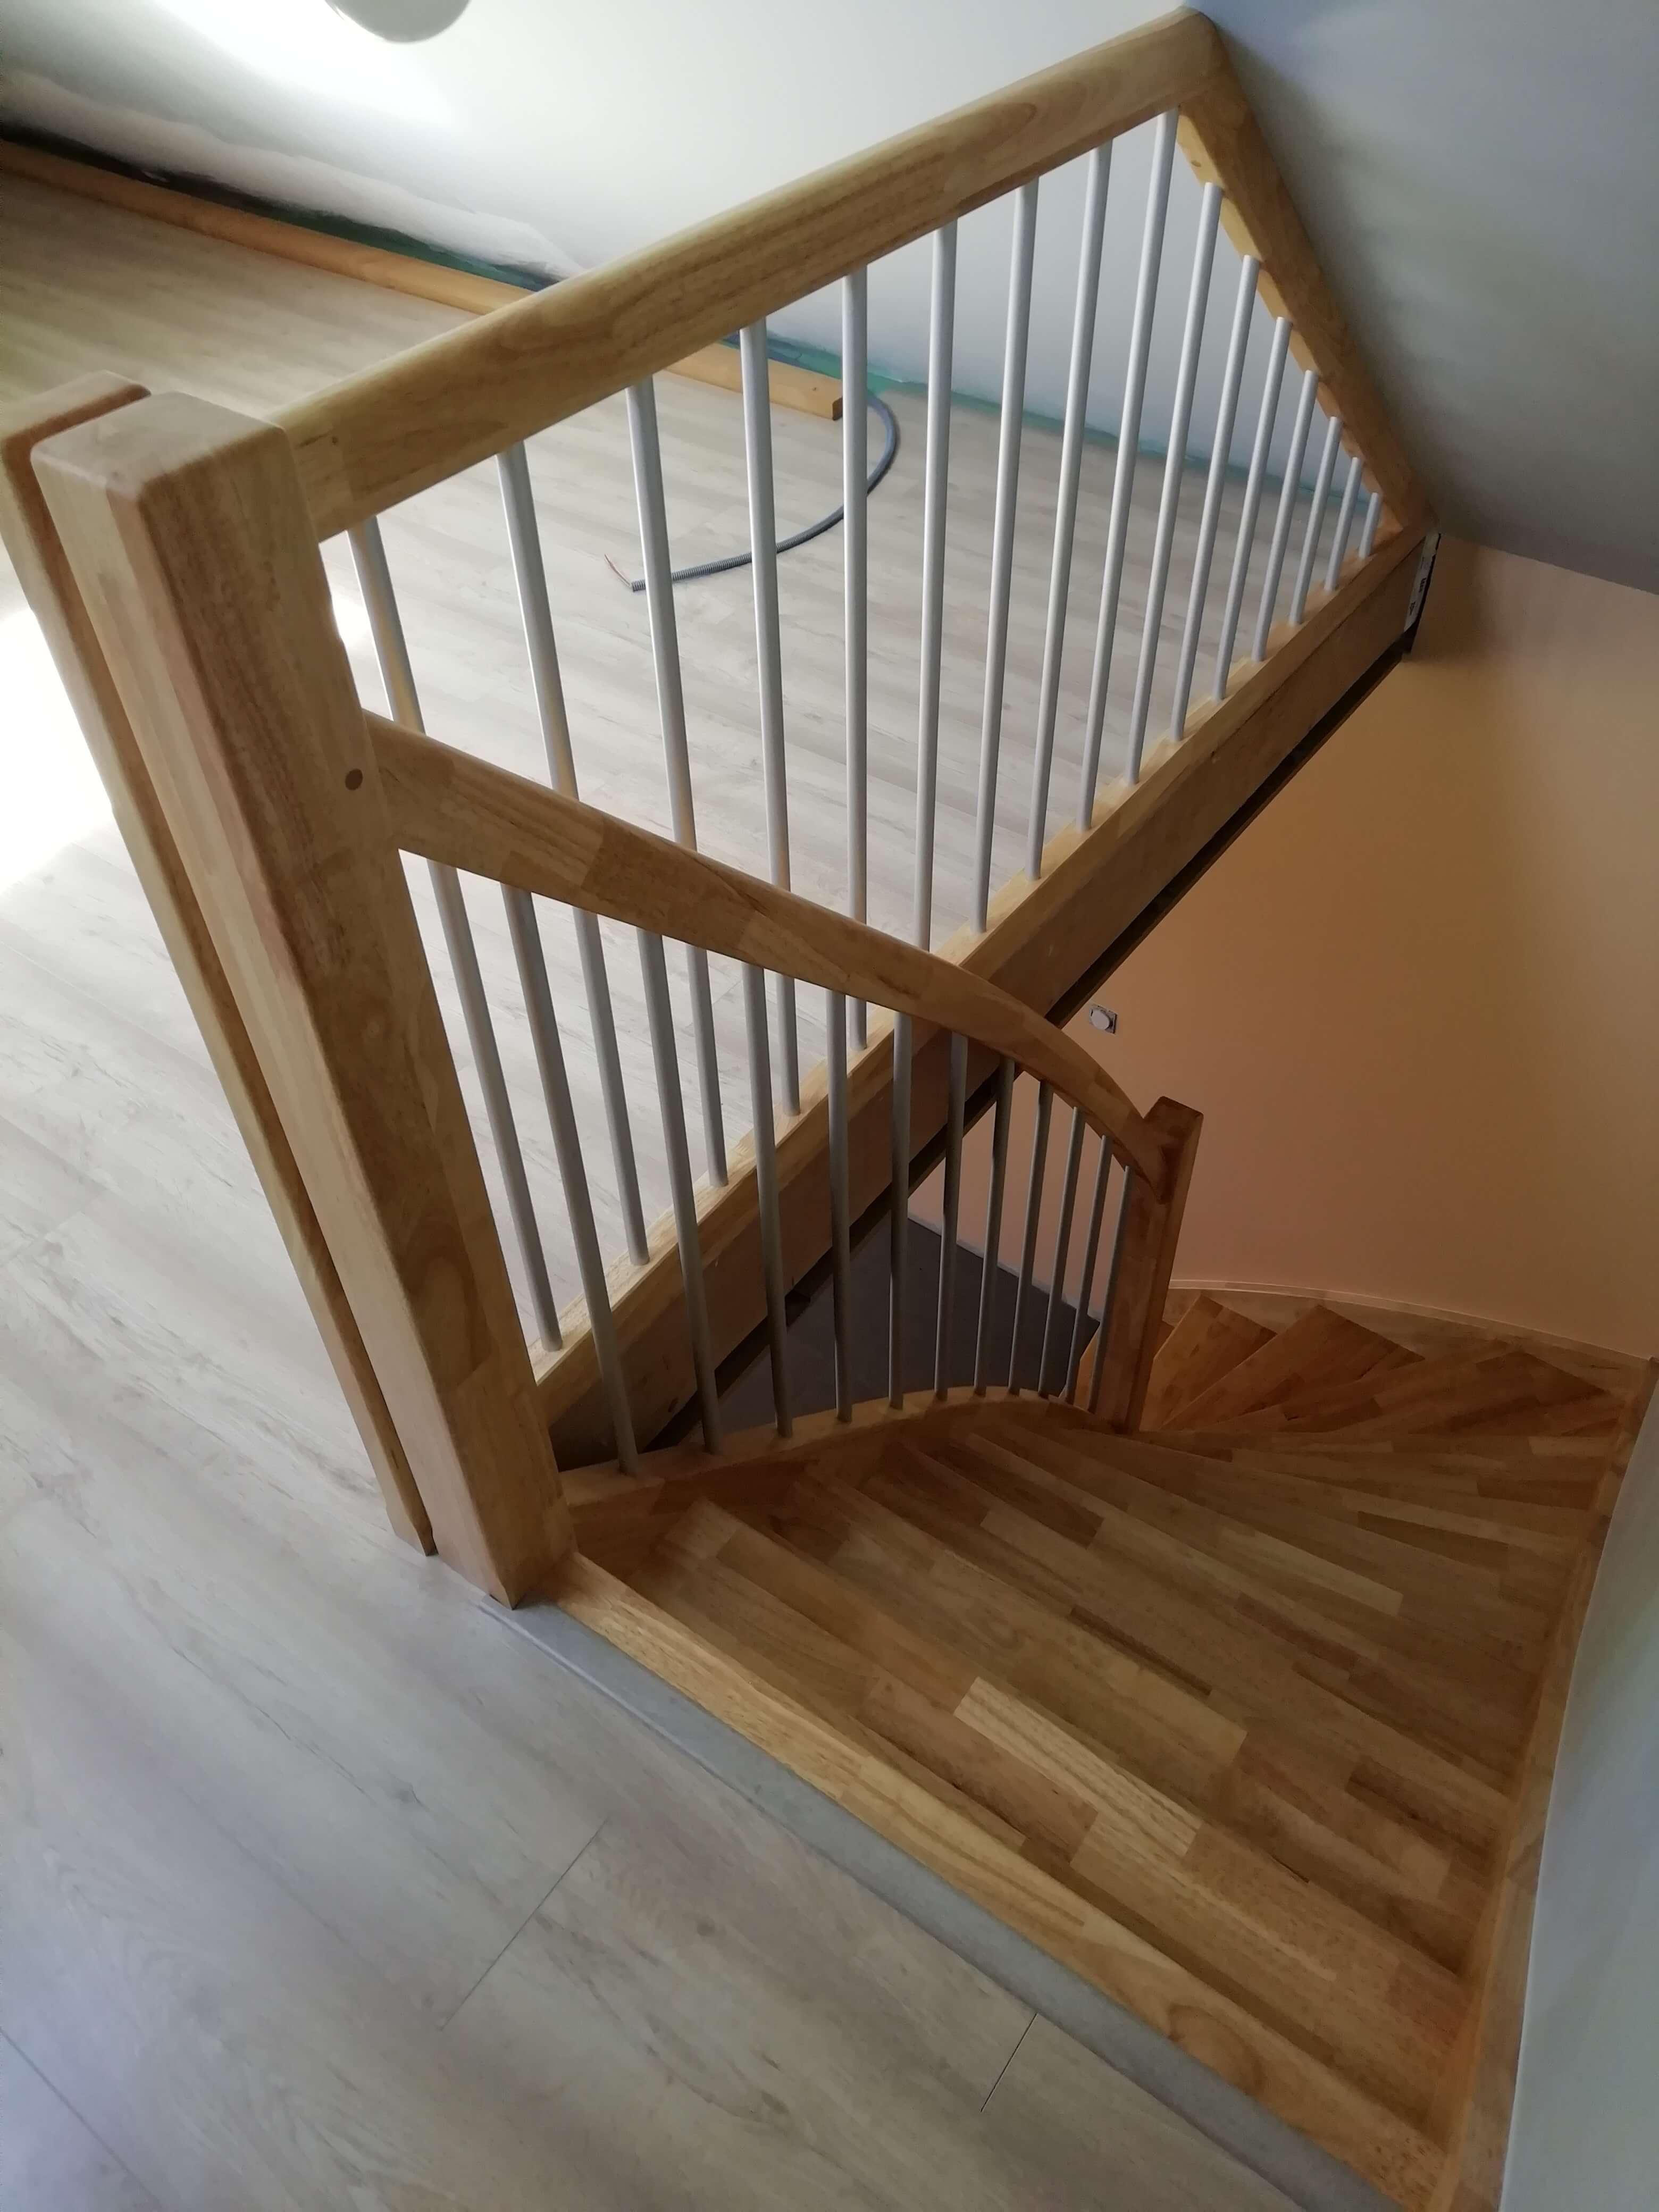 Menuiserie Figard - Fabrication sur mesure - Escalier 1/4 tournant - Hévéa alu - Vesoul